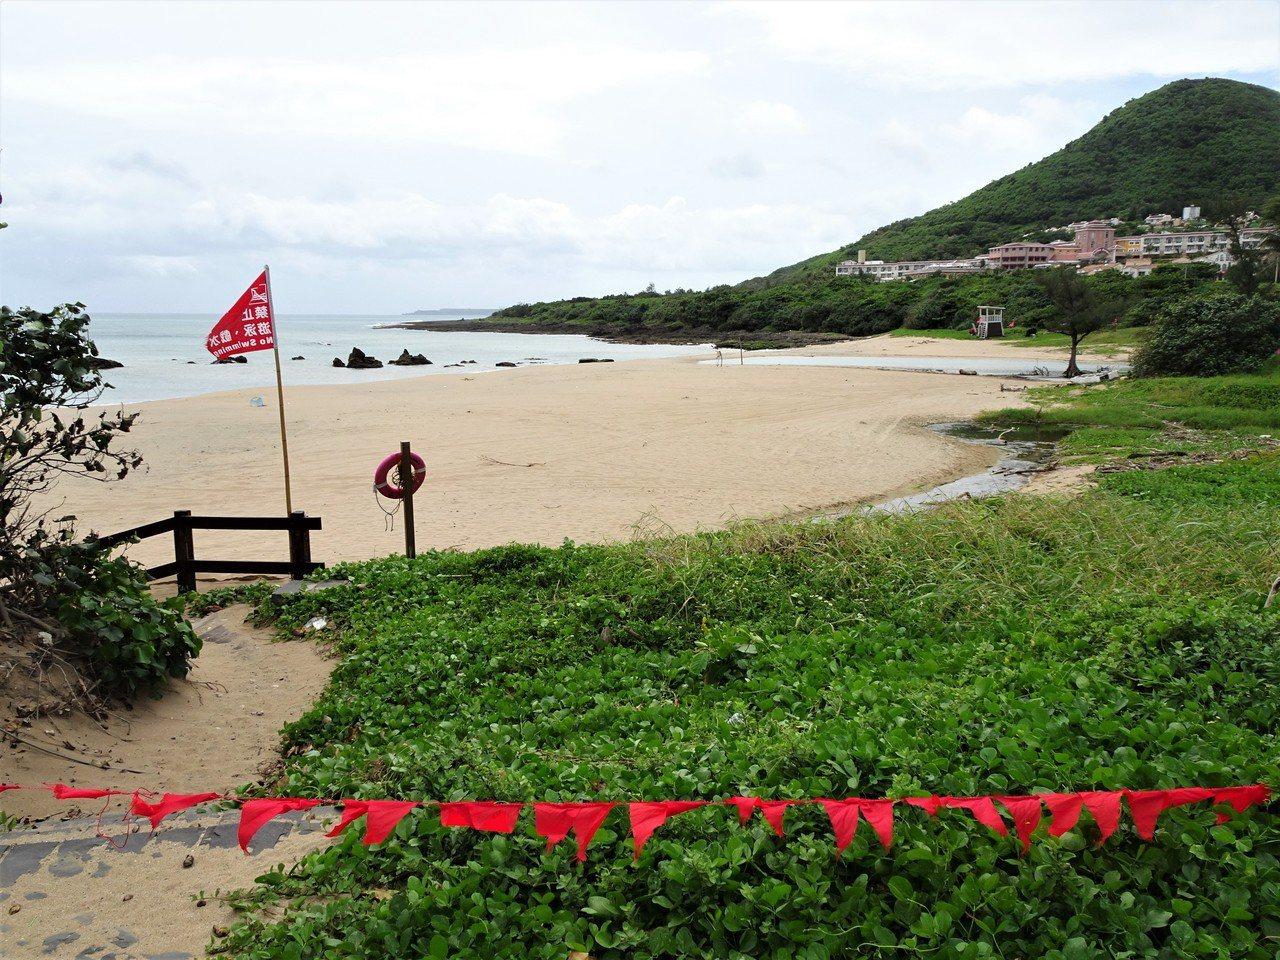 輕颱丹娜絲逼近,墾丁船帆石沙灘拉起封鎖線。記者潘欣中/攝影